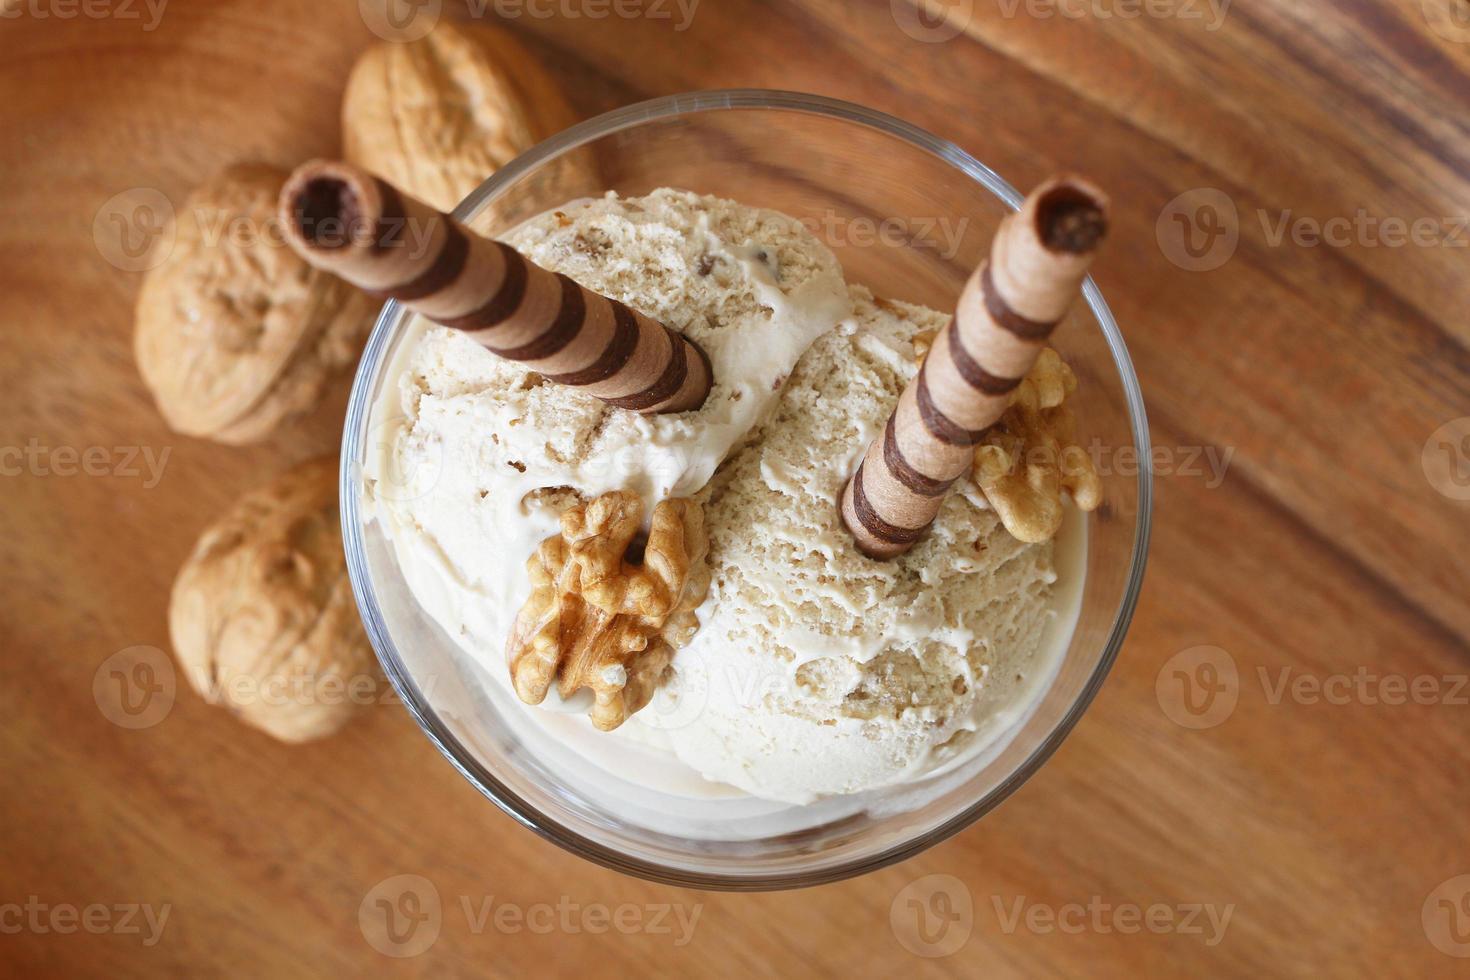 sobremesa de sorvete de noz com bolachas de chocolate foto